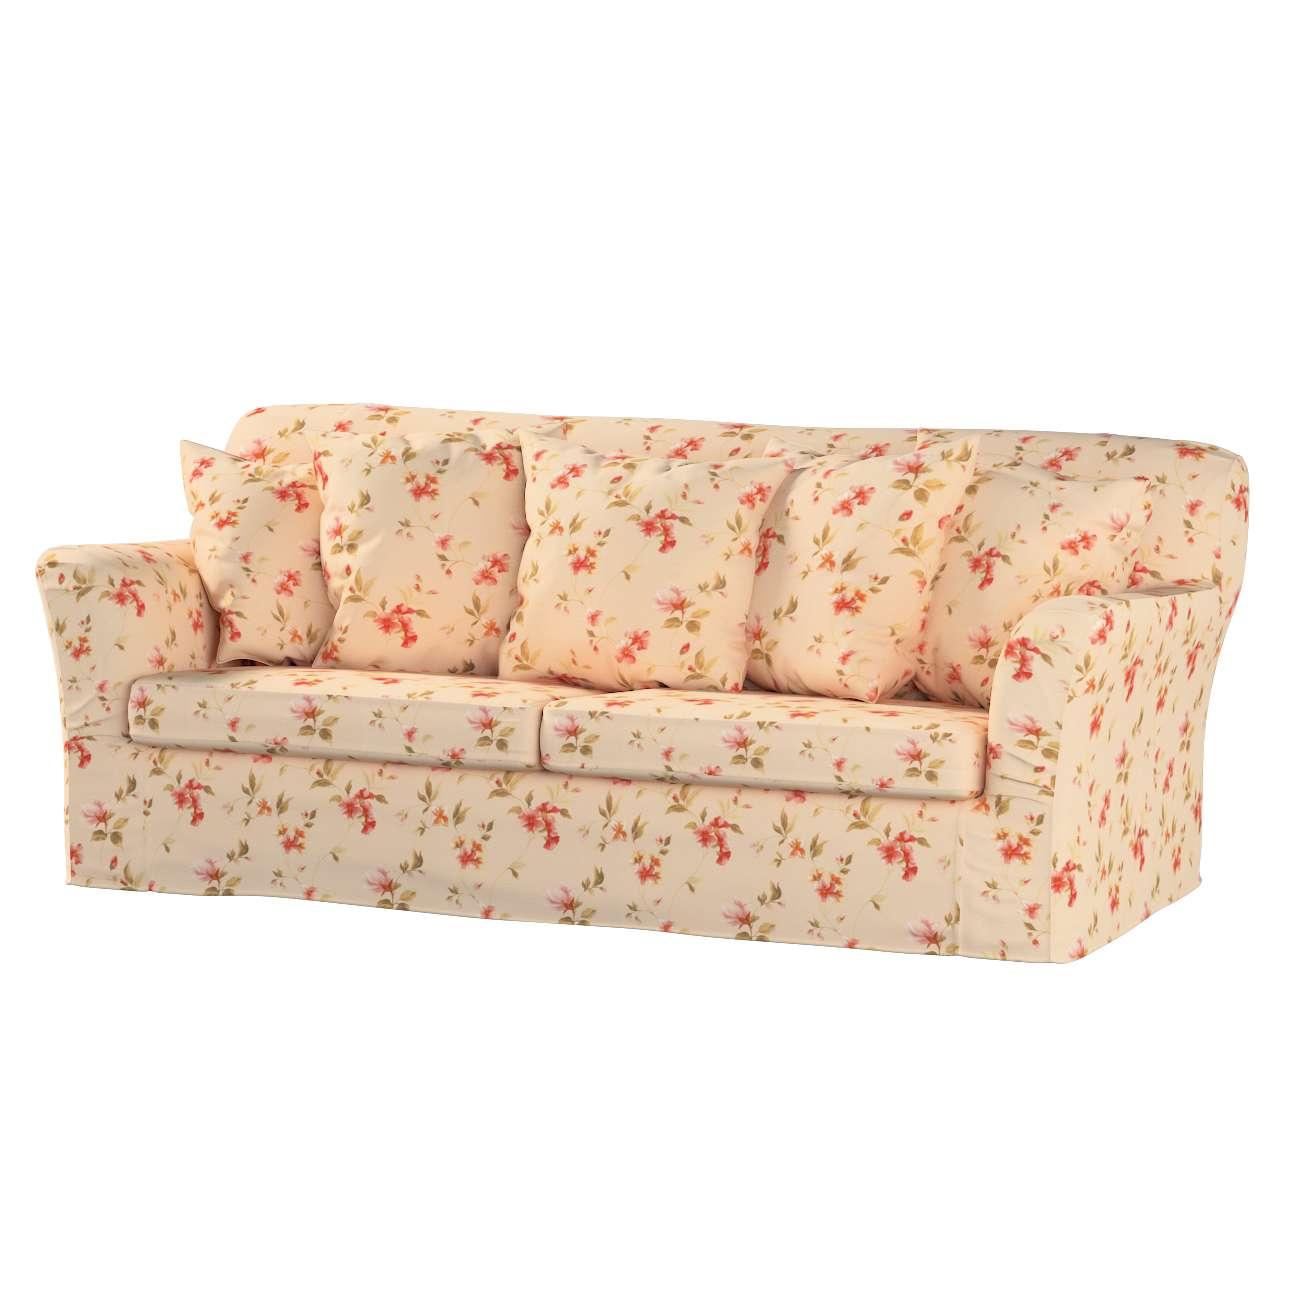 Pokrowiec na sofę Tomelilla rozkładaną Sofa Tomelilla rozkładana w kolekcji Londres, tkanina: 124-05